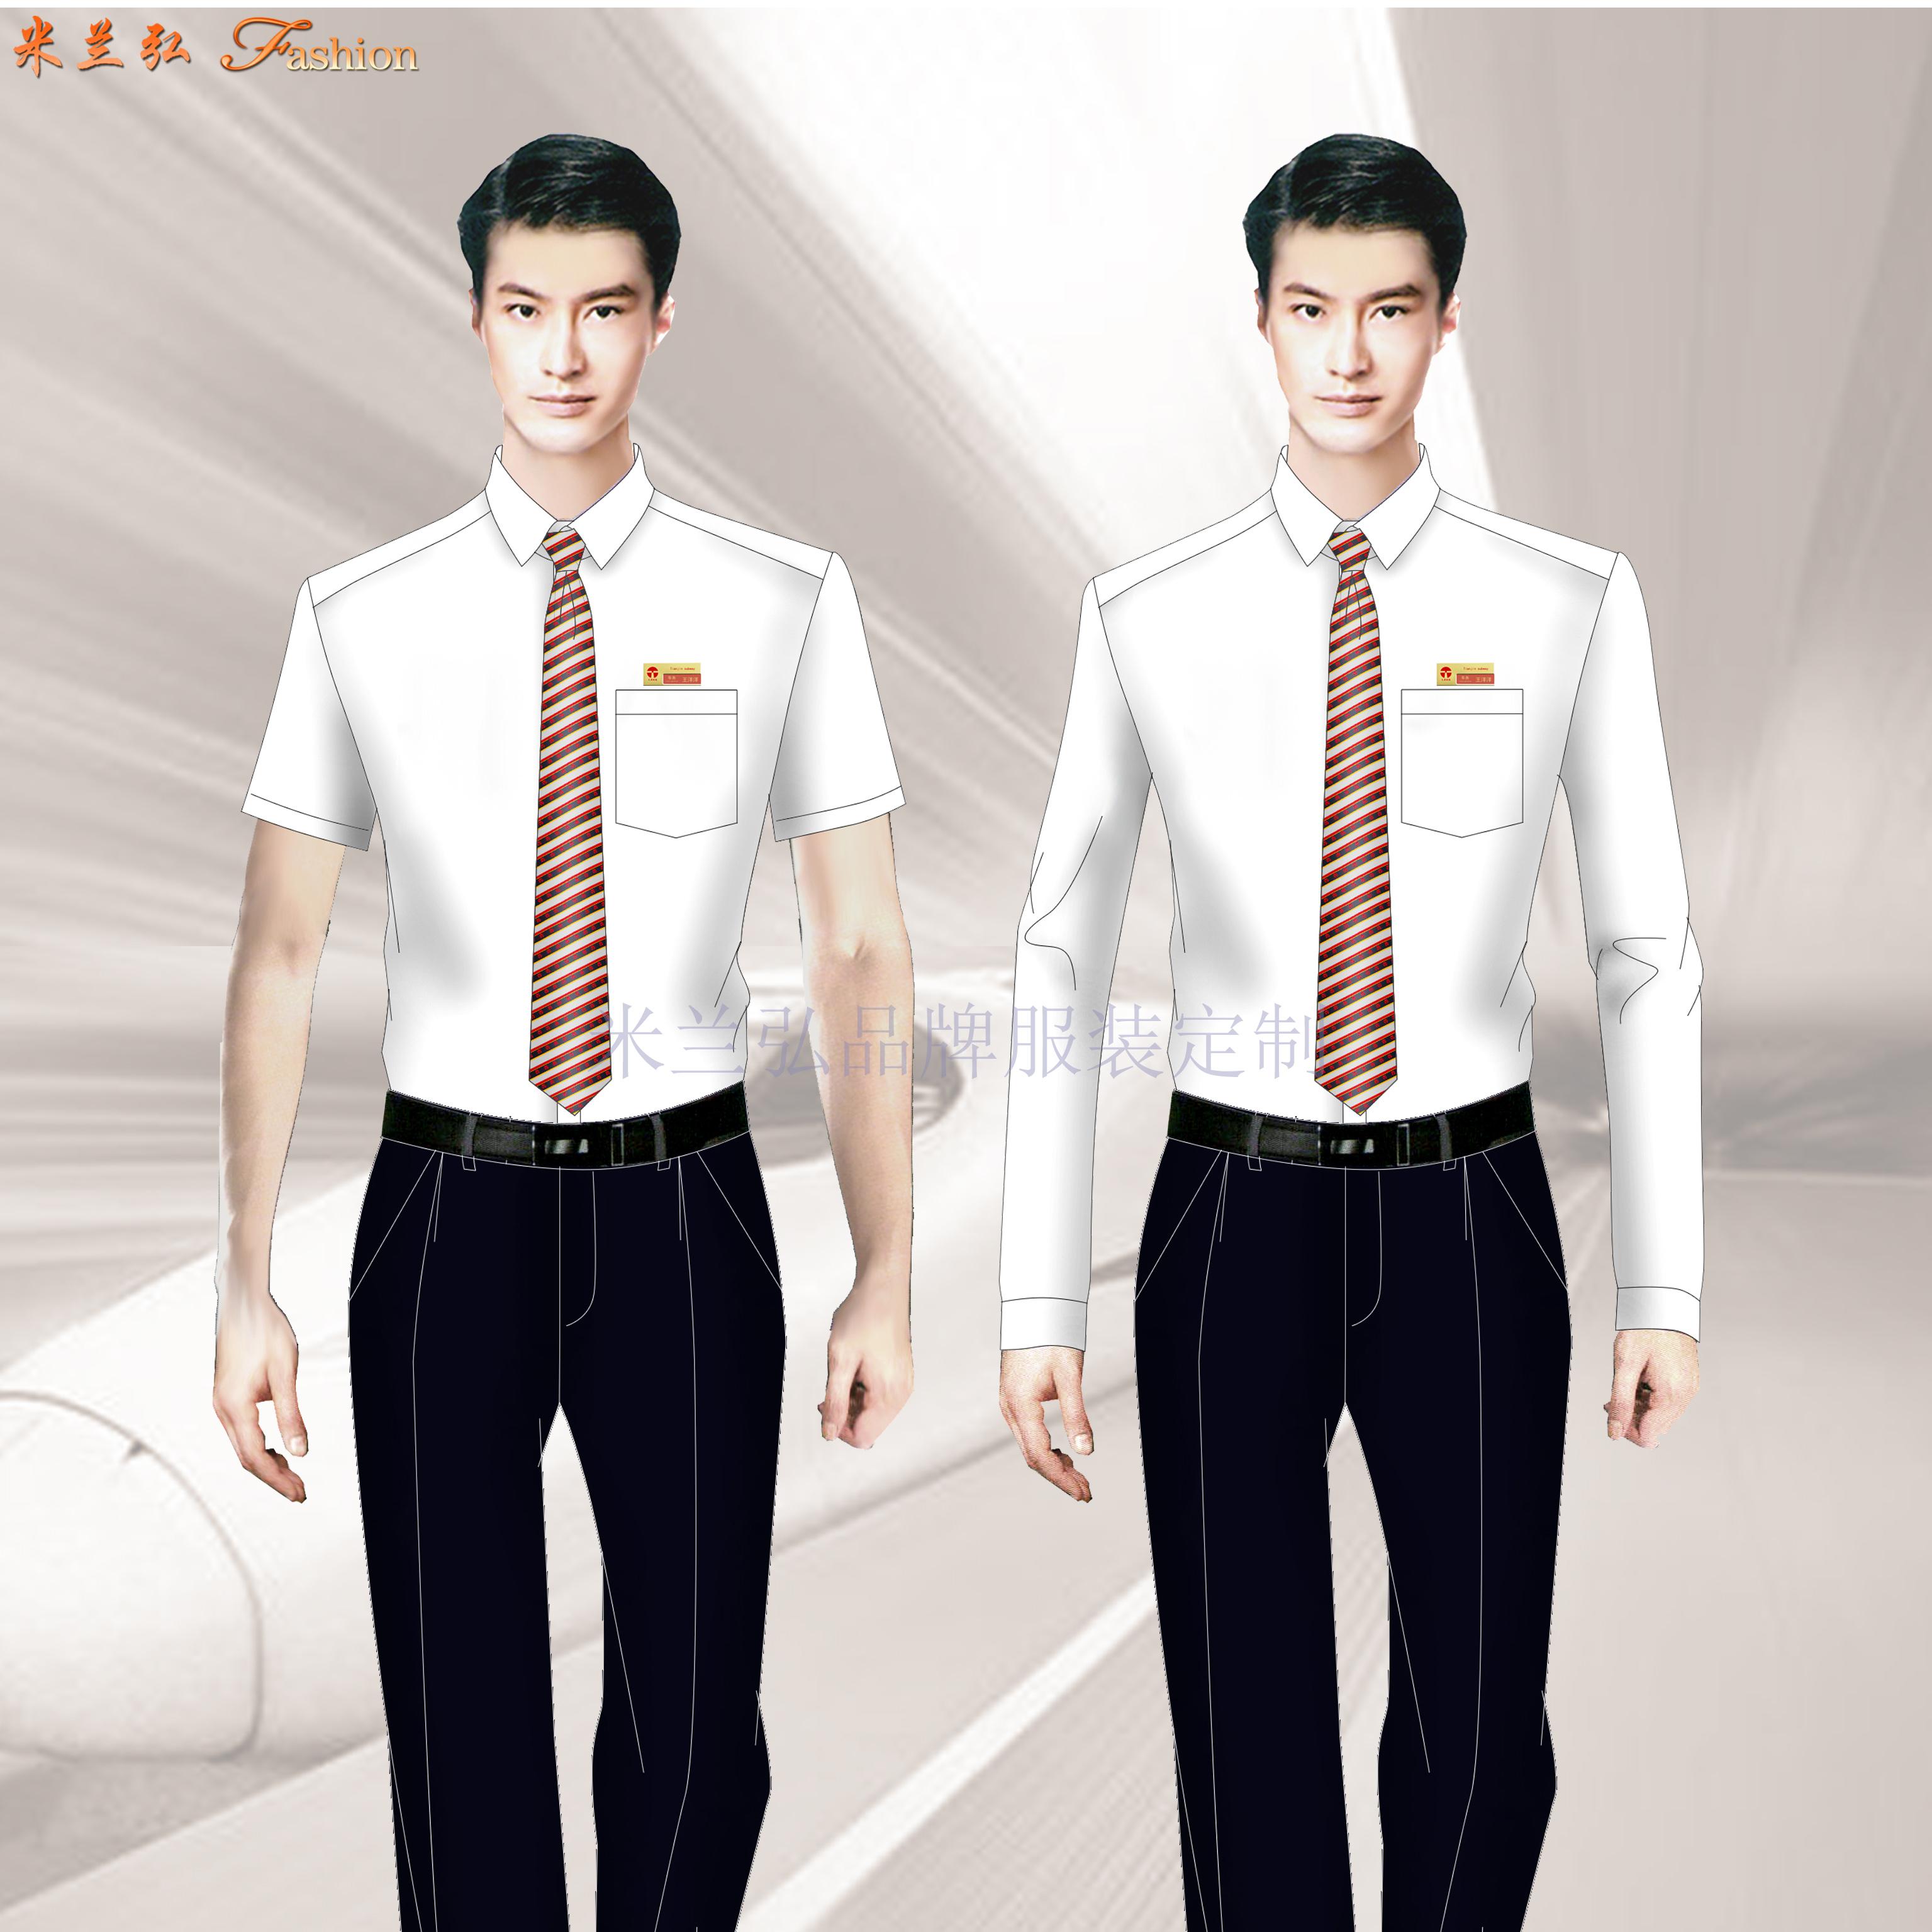 深圳寶安國際機場管理員行政西服定做-米蘭弘服裝廠家-3